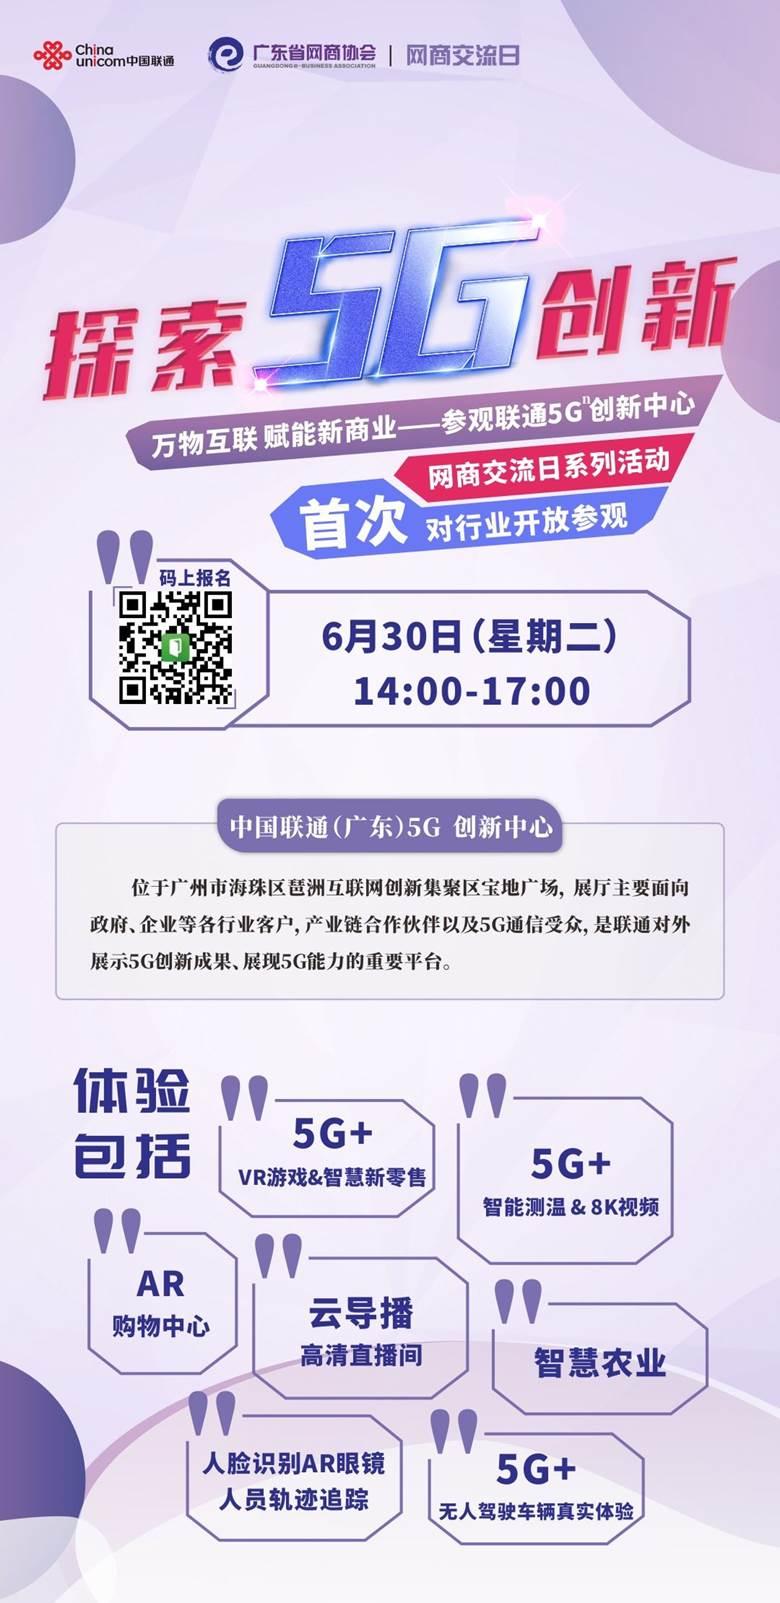 网商交流日-联通5G创新-参观展厅.jpg